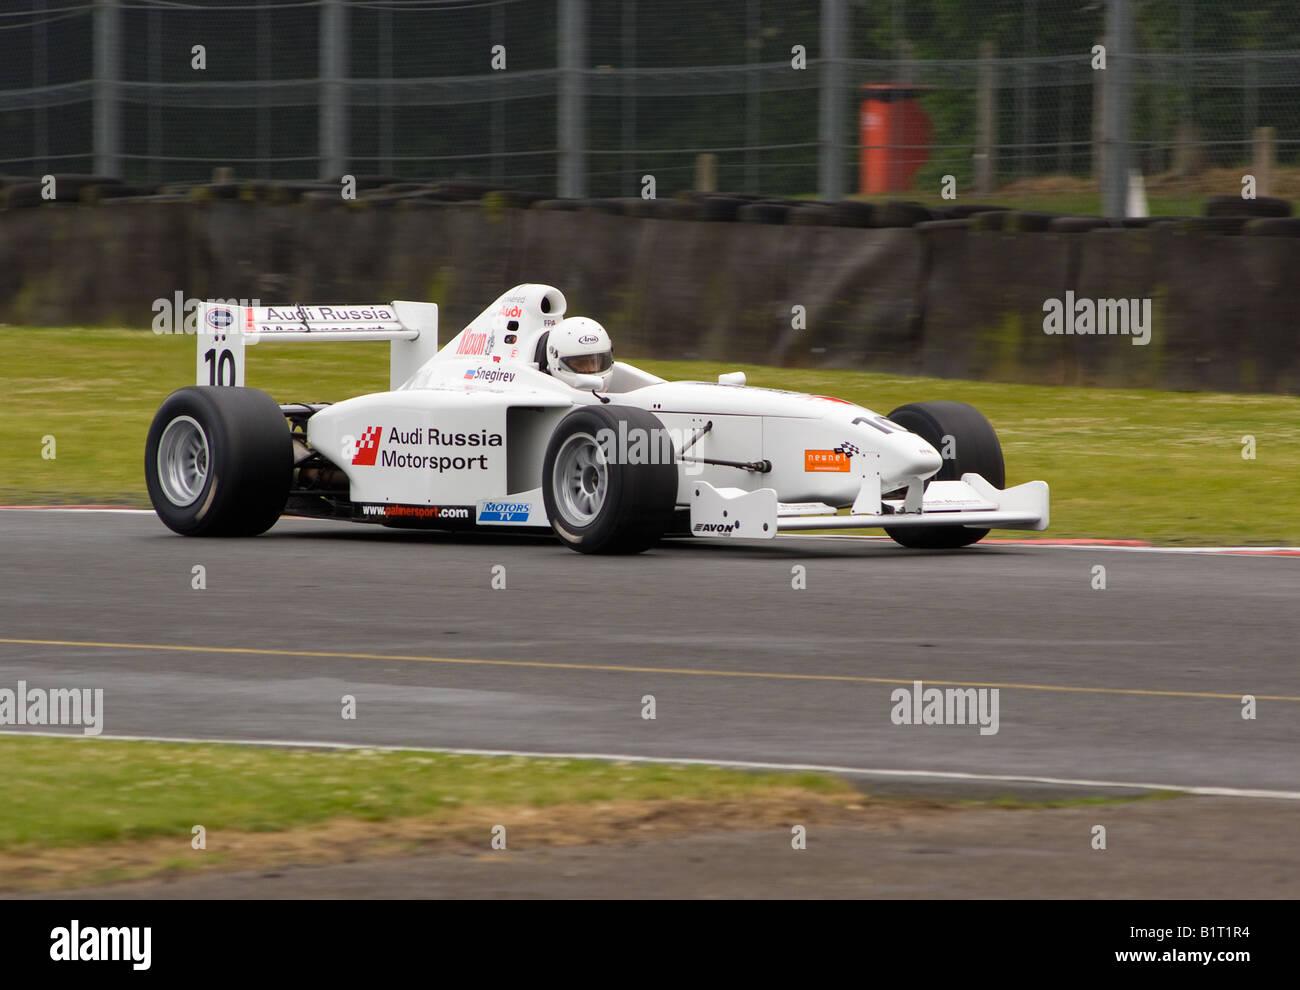 Formula Palmer Audi Racing Cars Exiting Old Hall Corner at Oulton ...